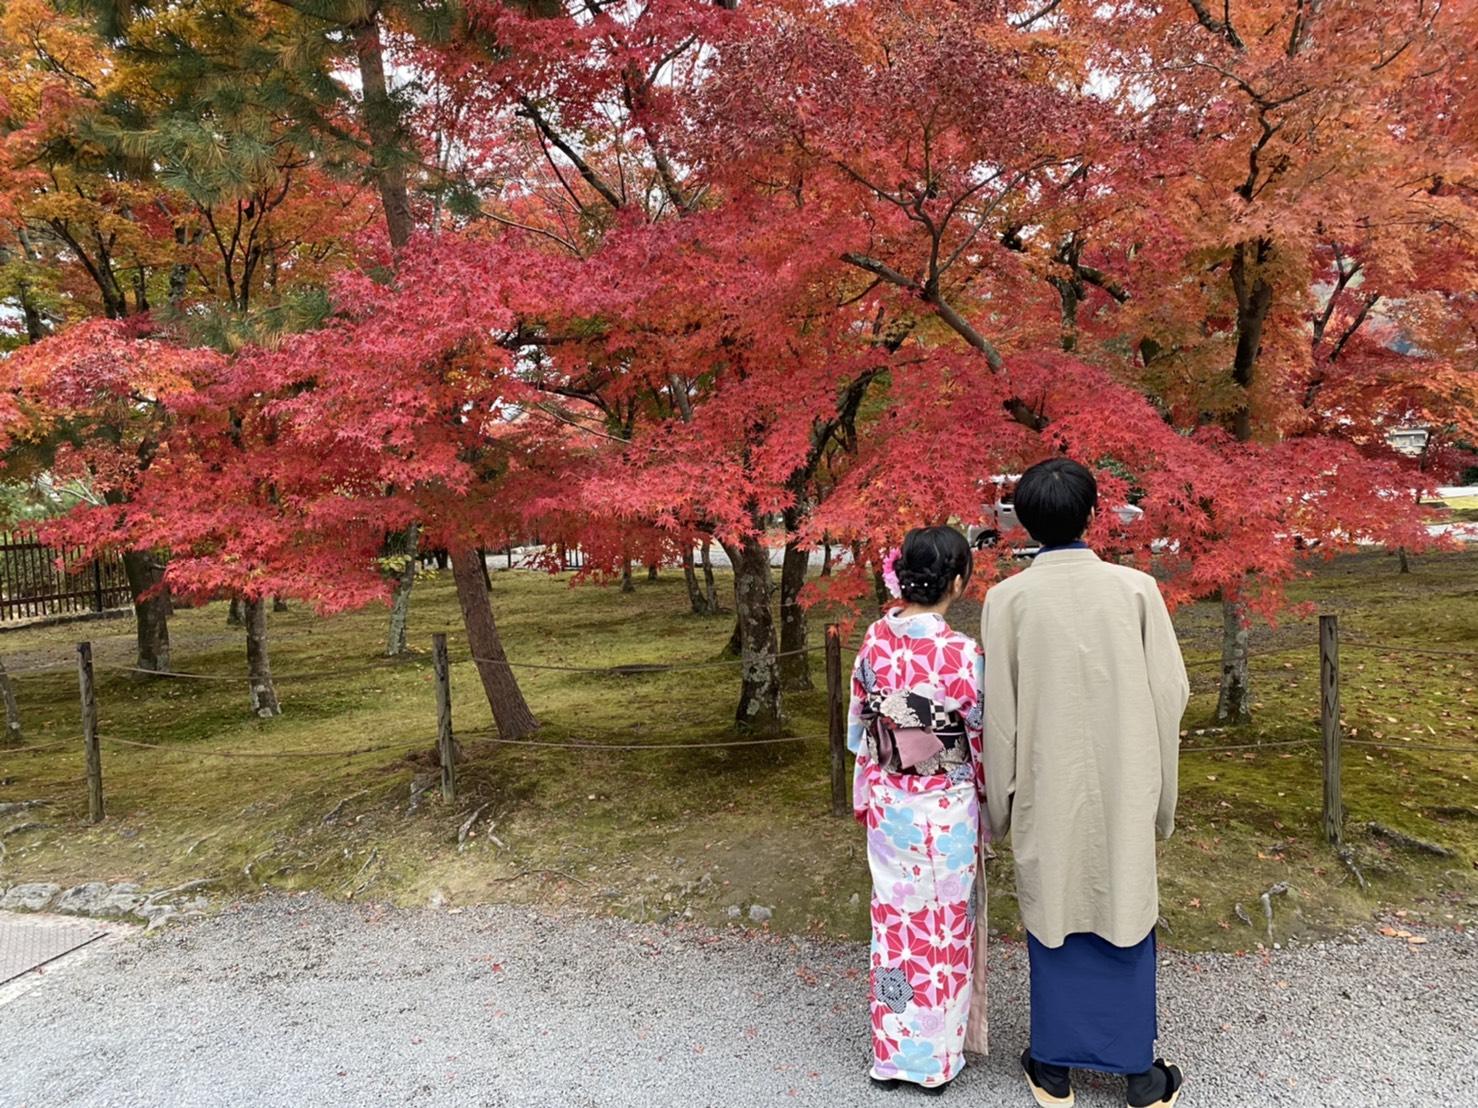 京都は紅葉見頃で~す2019年11月24日2